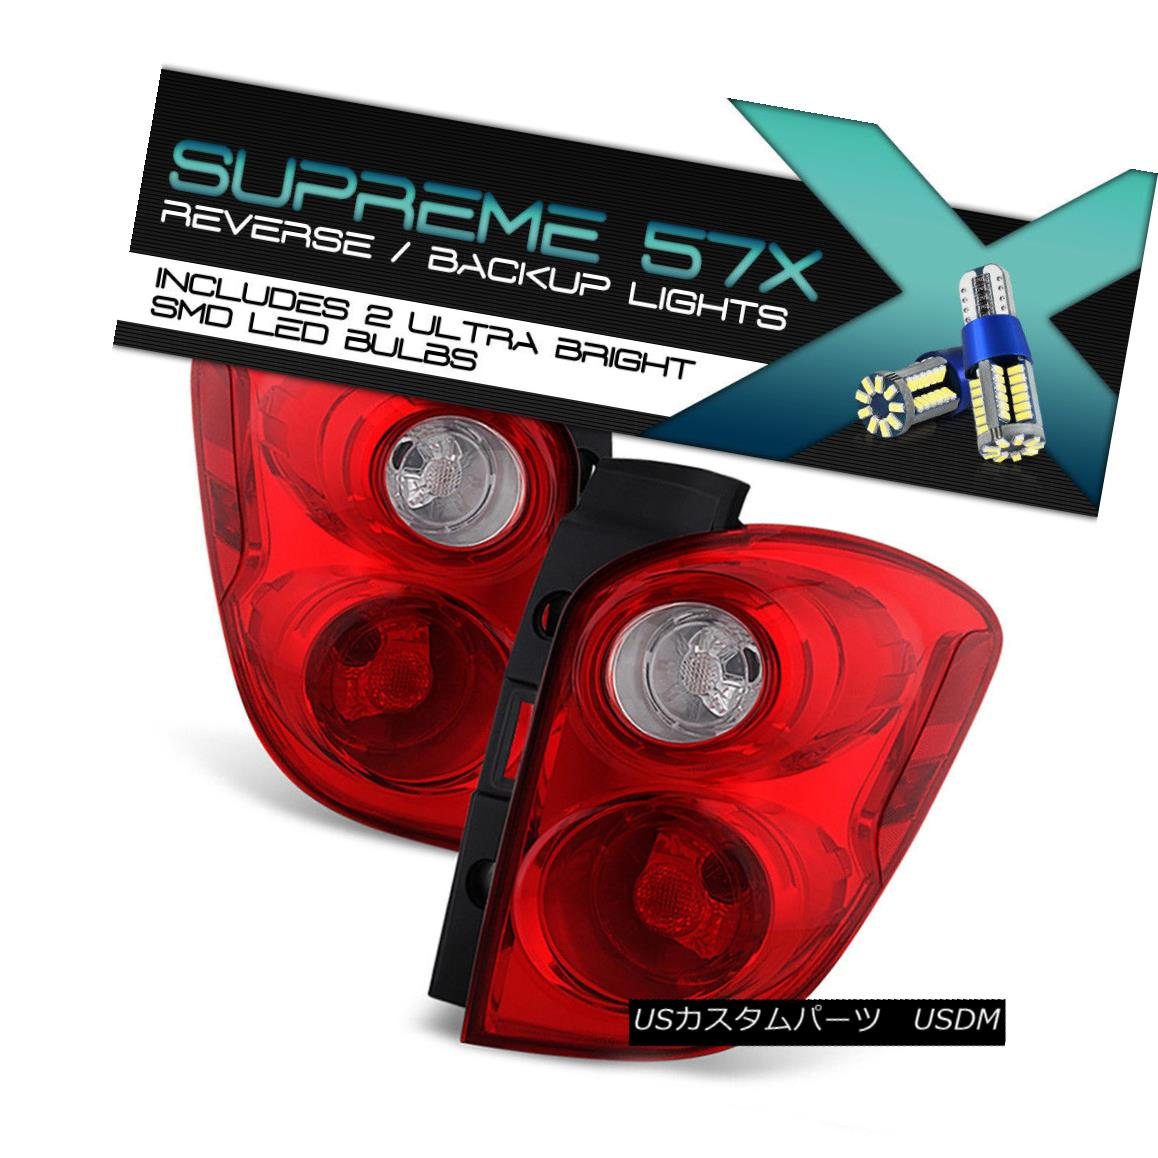 テールライト 360 Degree SMD Backup 2010-2015 Chevy Equinox L LT LS LTZ Rear Brake Tail Lights 360度SMDバックアップ2010-2015シボレーエクイノックスL LT LS LTZリアブレーキテールライト